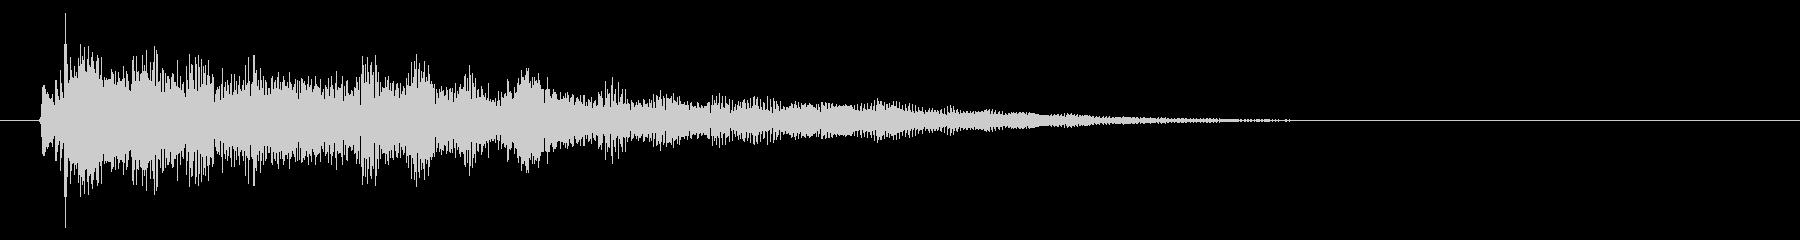 エレピのムーディーな短いジングルの未再生の波形